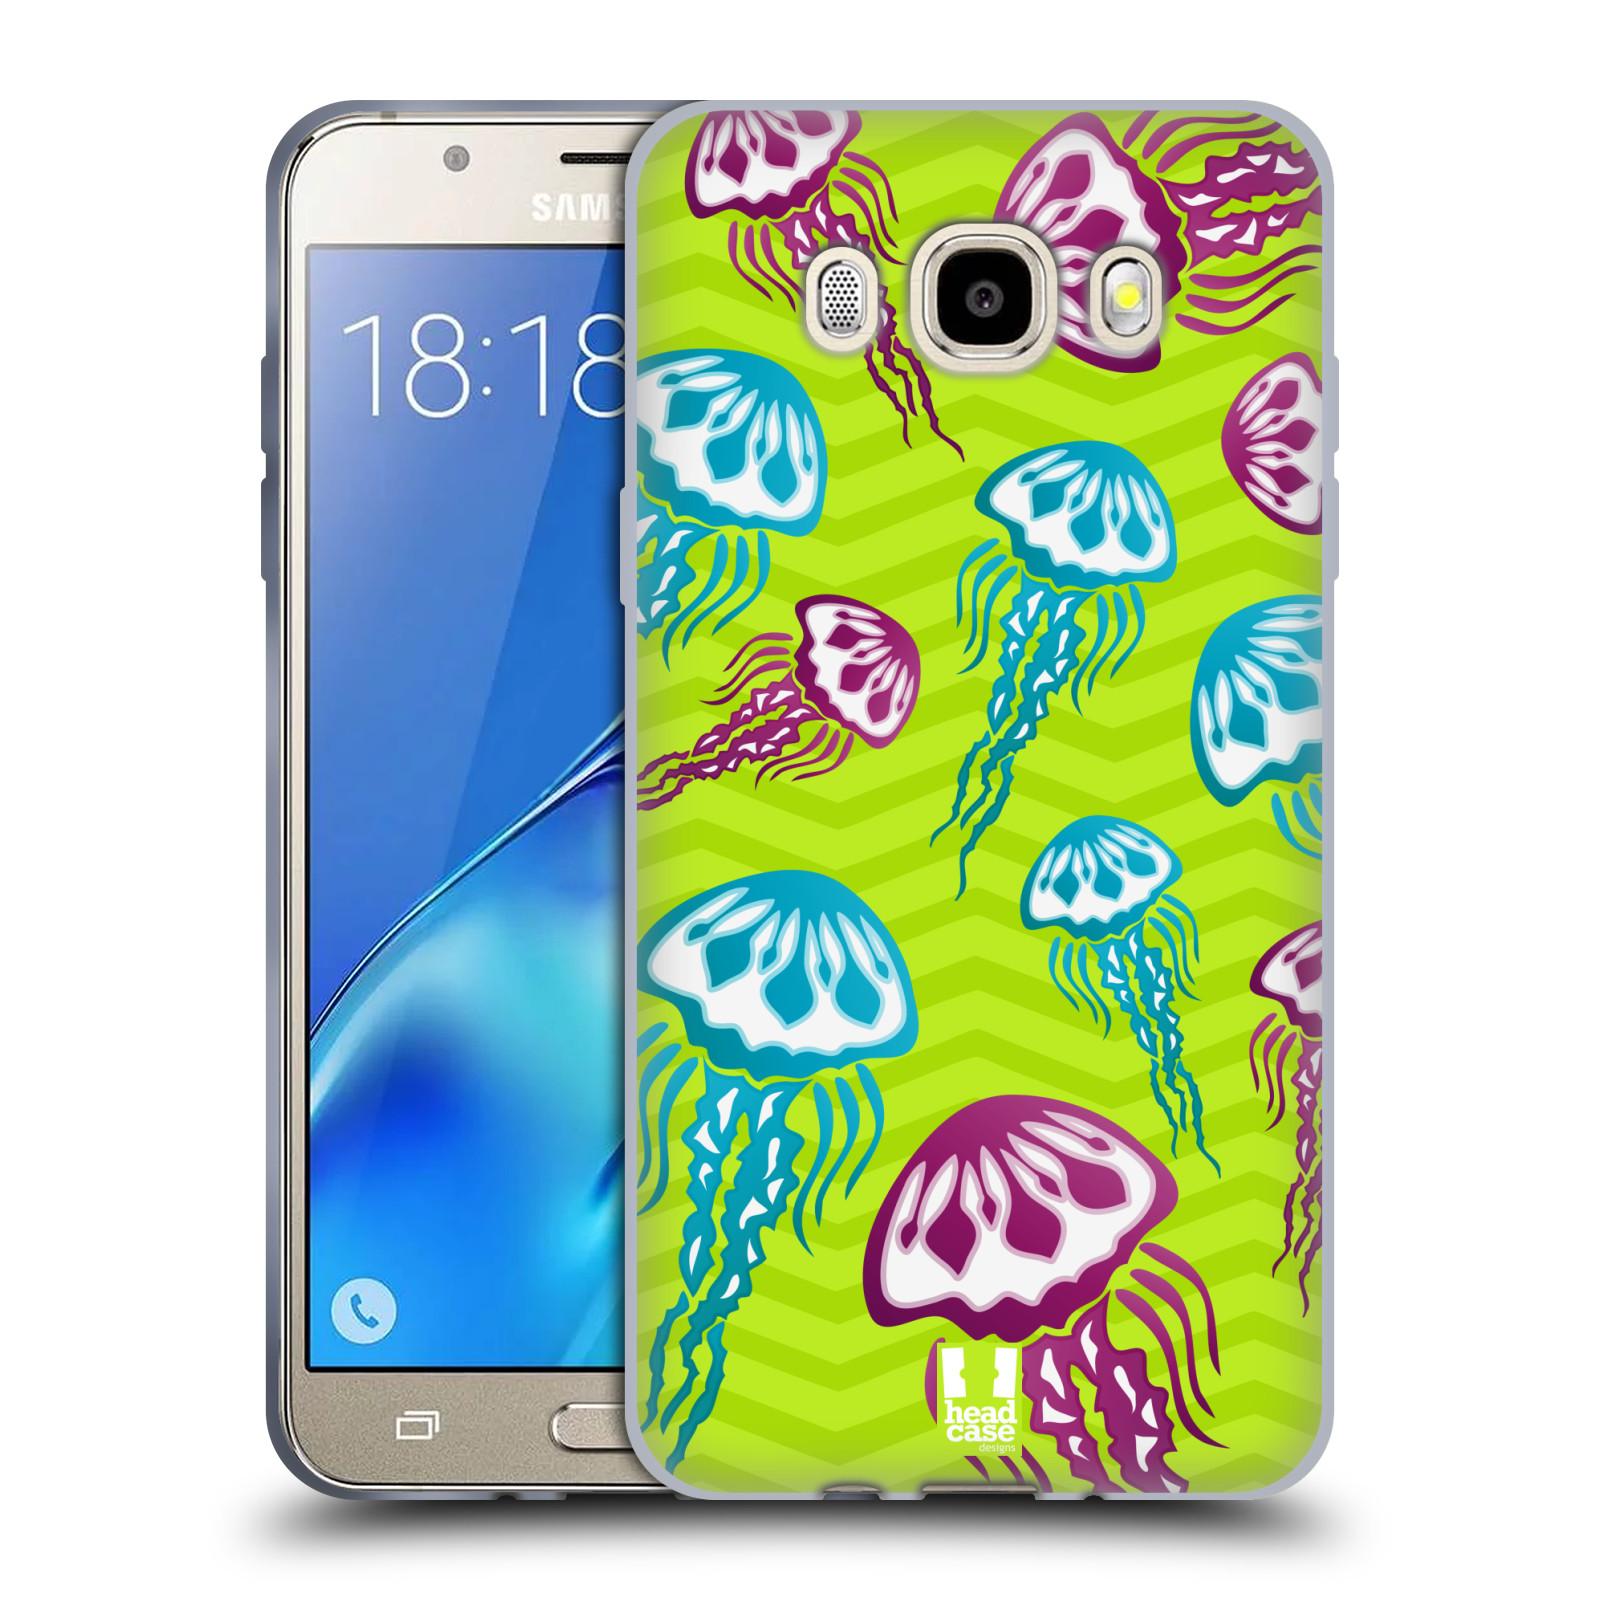 HEAD CASE silikonový obal, kryt na mobil Samsung Galaxy J5 2016, J510, J510F, (J510F DUAL SIM) vzor mořský živočich medůza